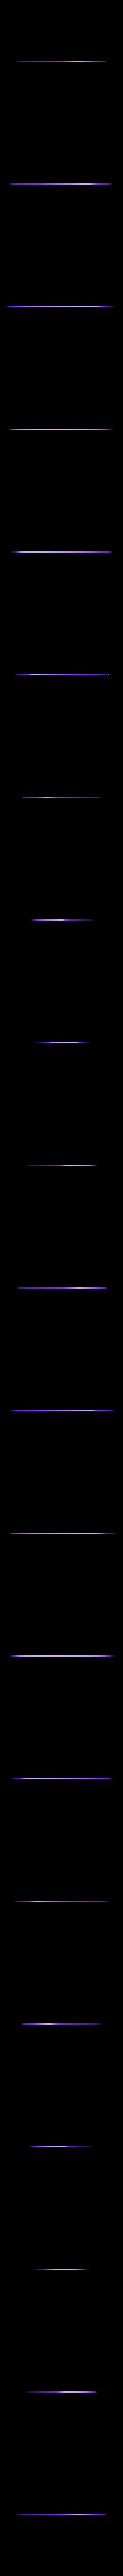 """O-3.stl Télécharger fichier STL gratuit LED light letters """"Why not?"""" • Objet pour impression 3D, dukedoks"""